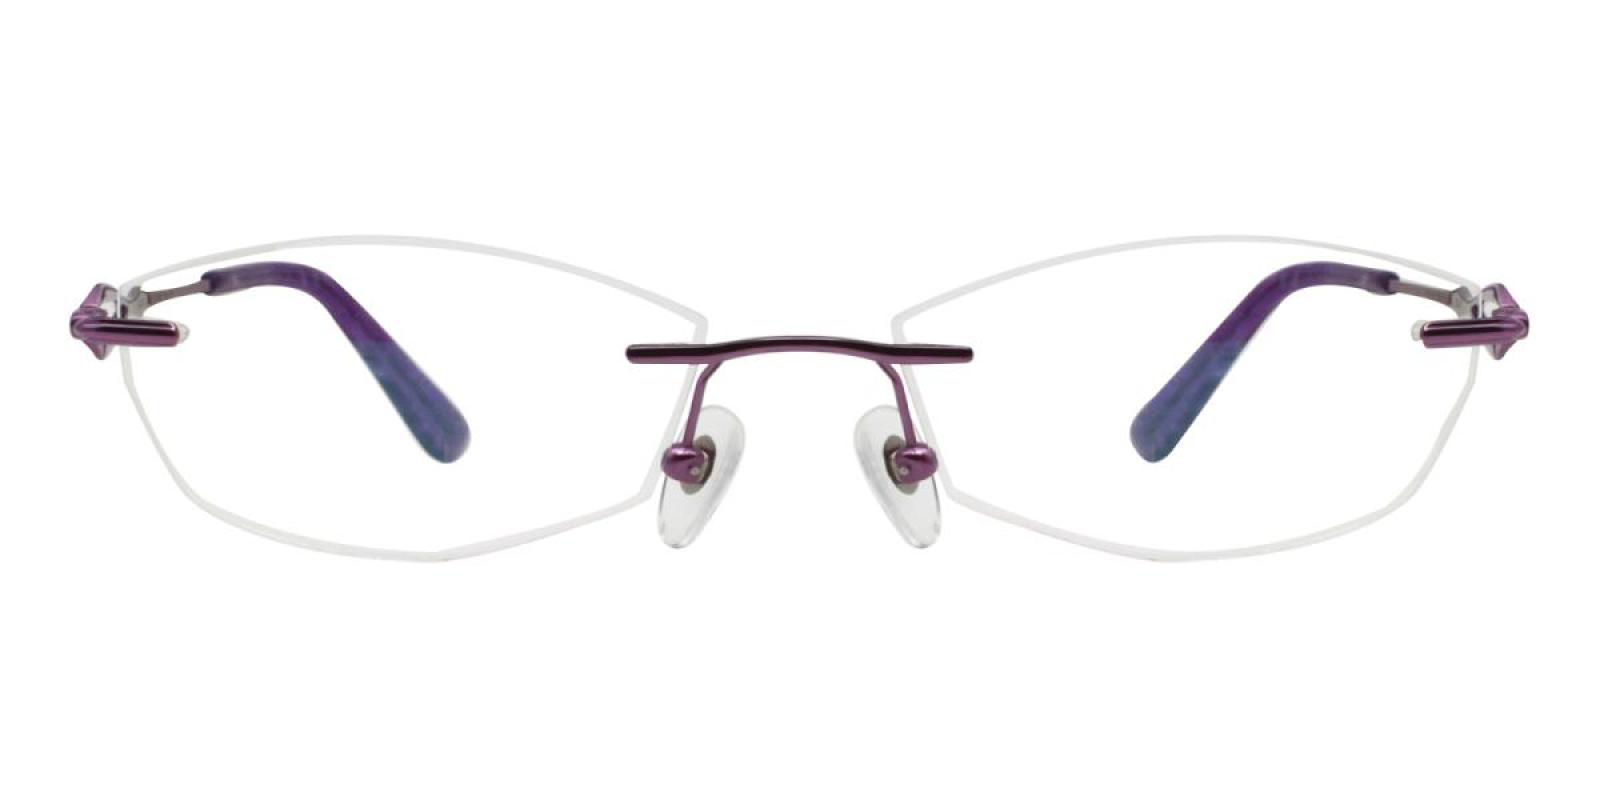 Pininic-Purple-Varieties-Titanium-Eyeglasses-additional2